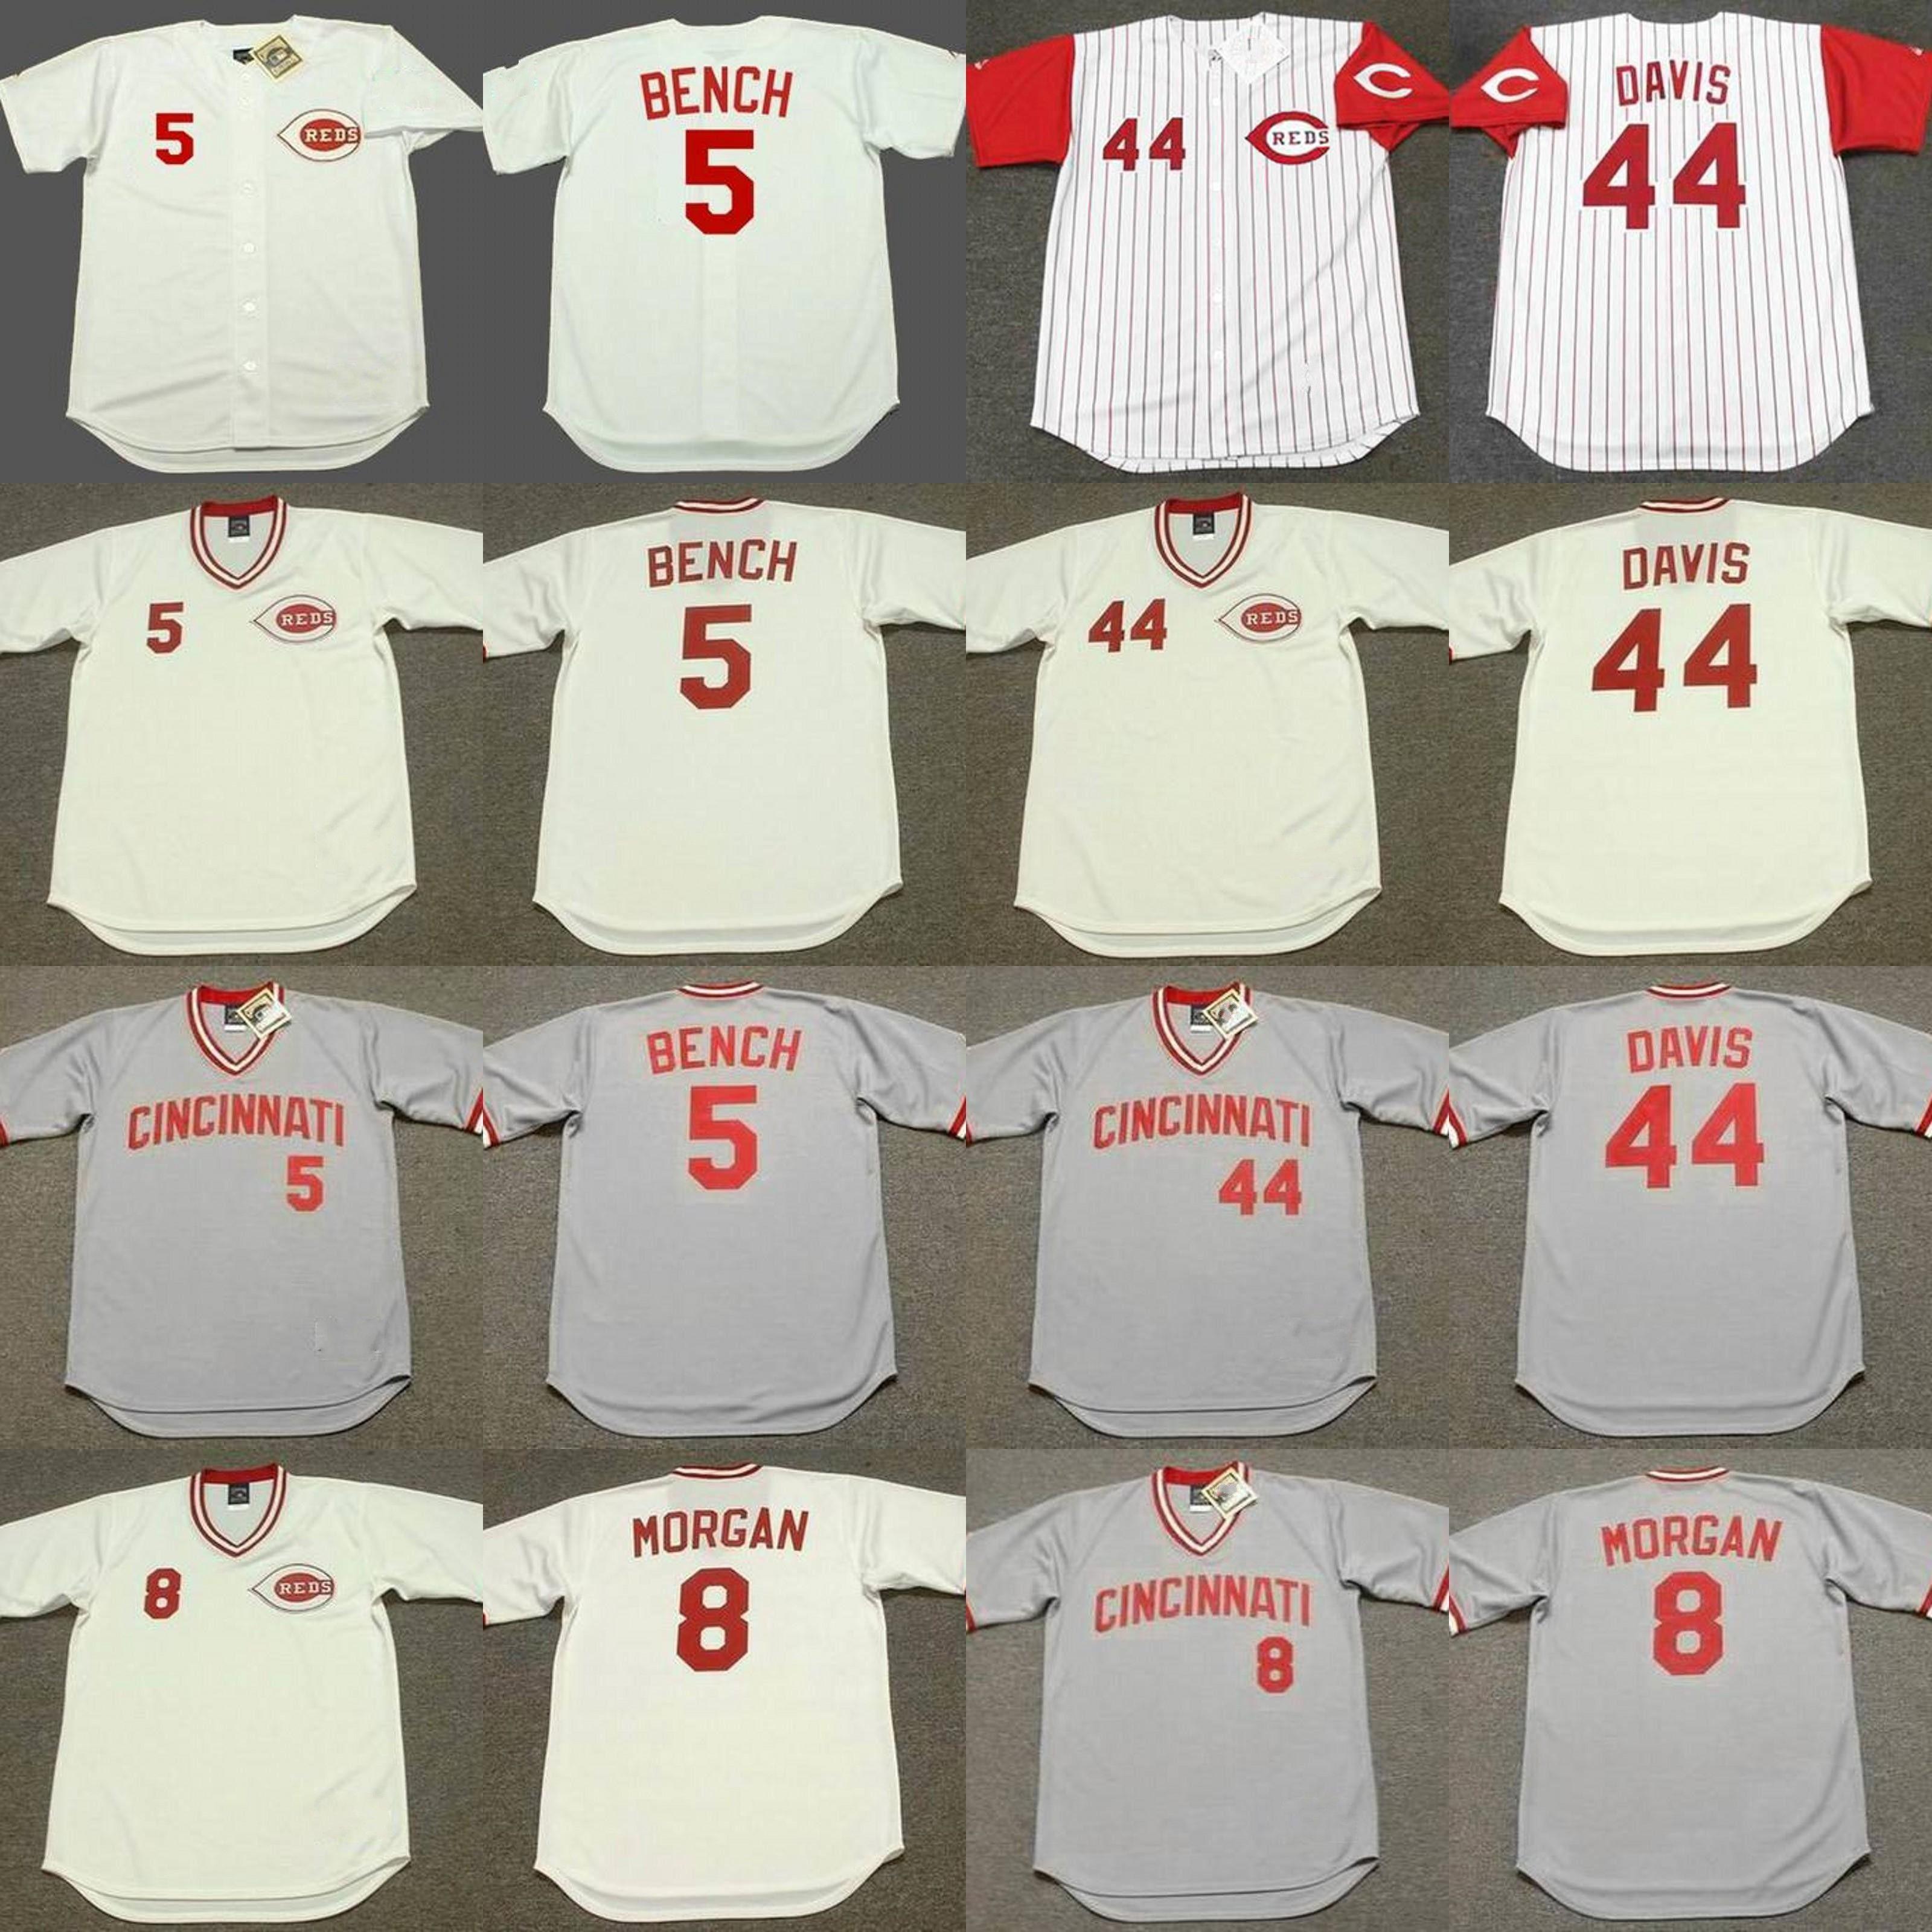 newest collection 0e4ad 71743 cincinnati reds eric davis jersey